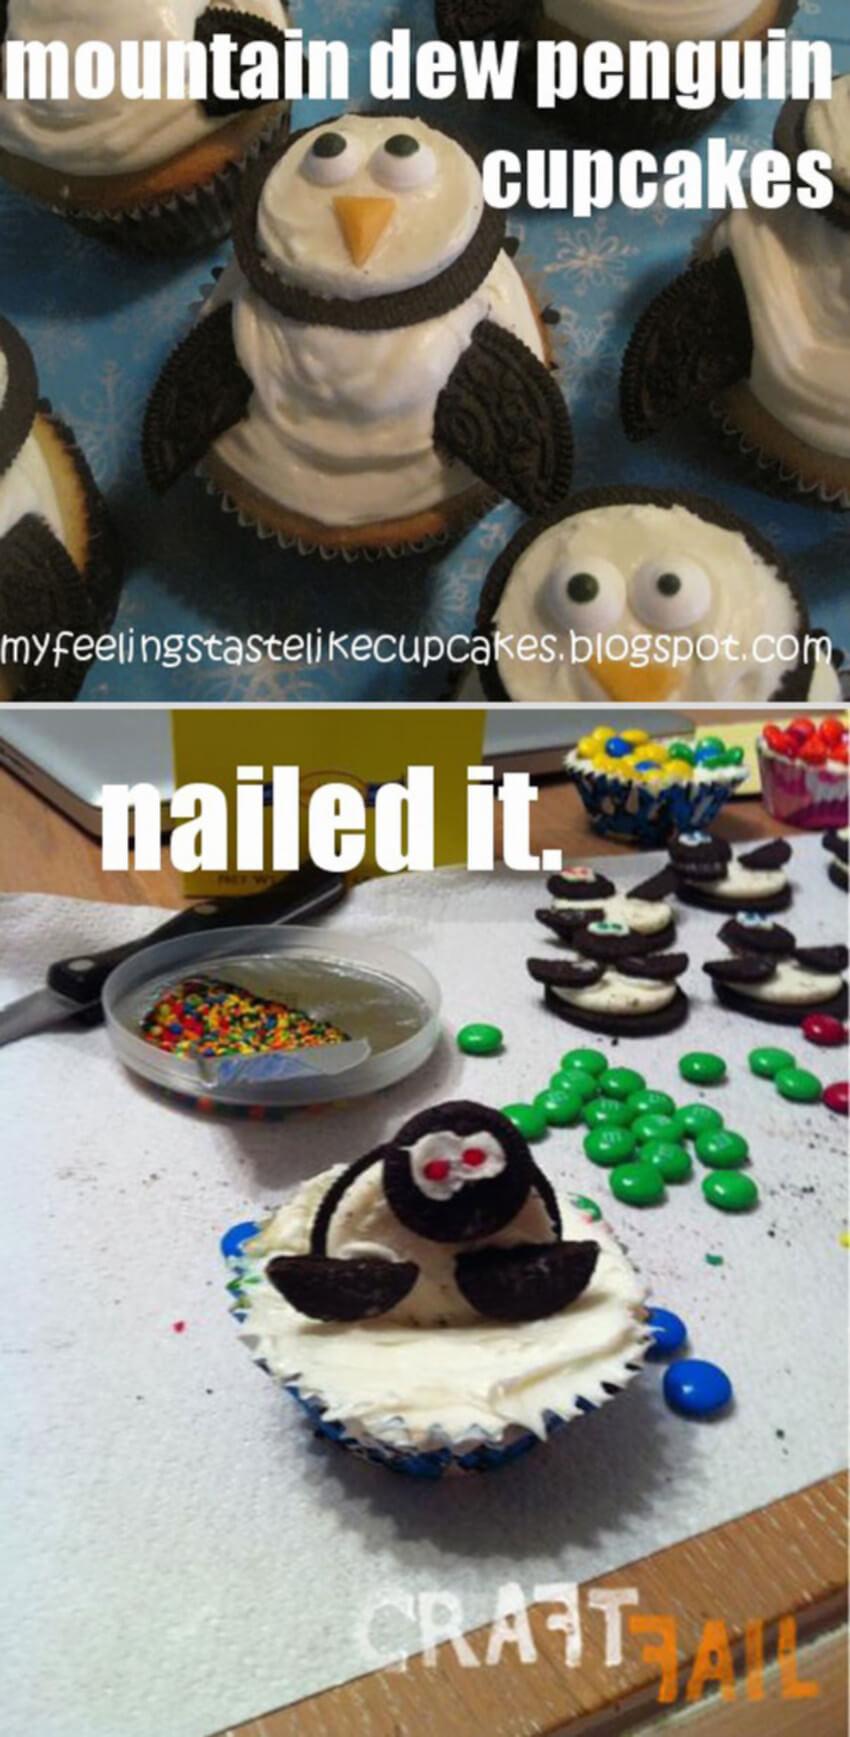 Penguin cupcakes.